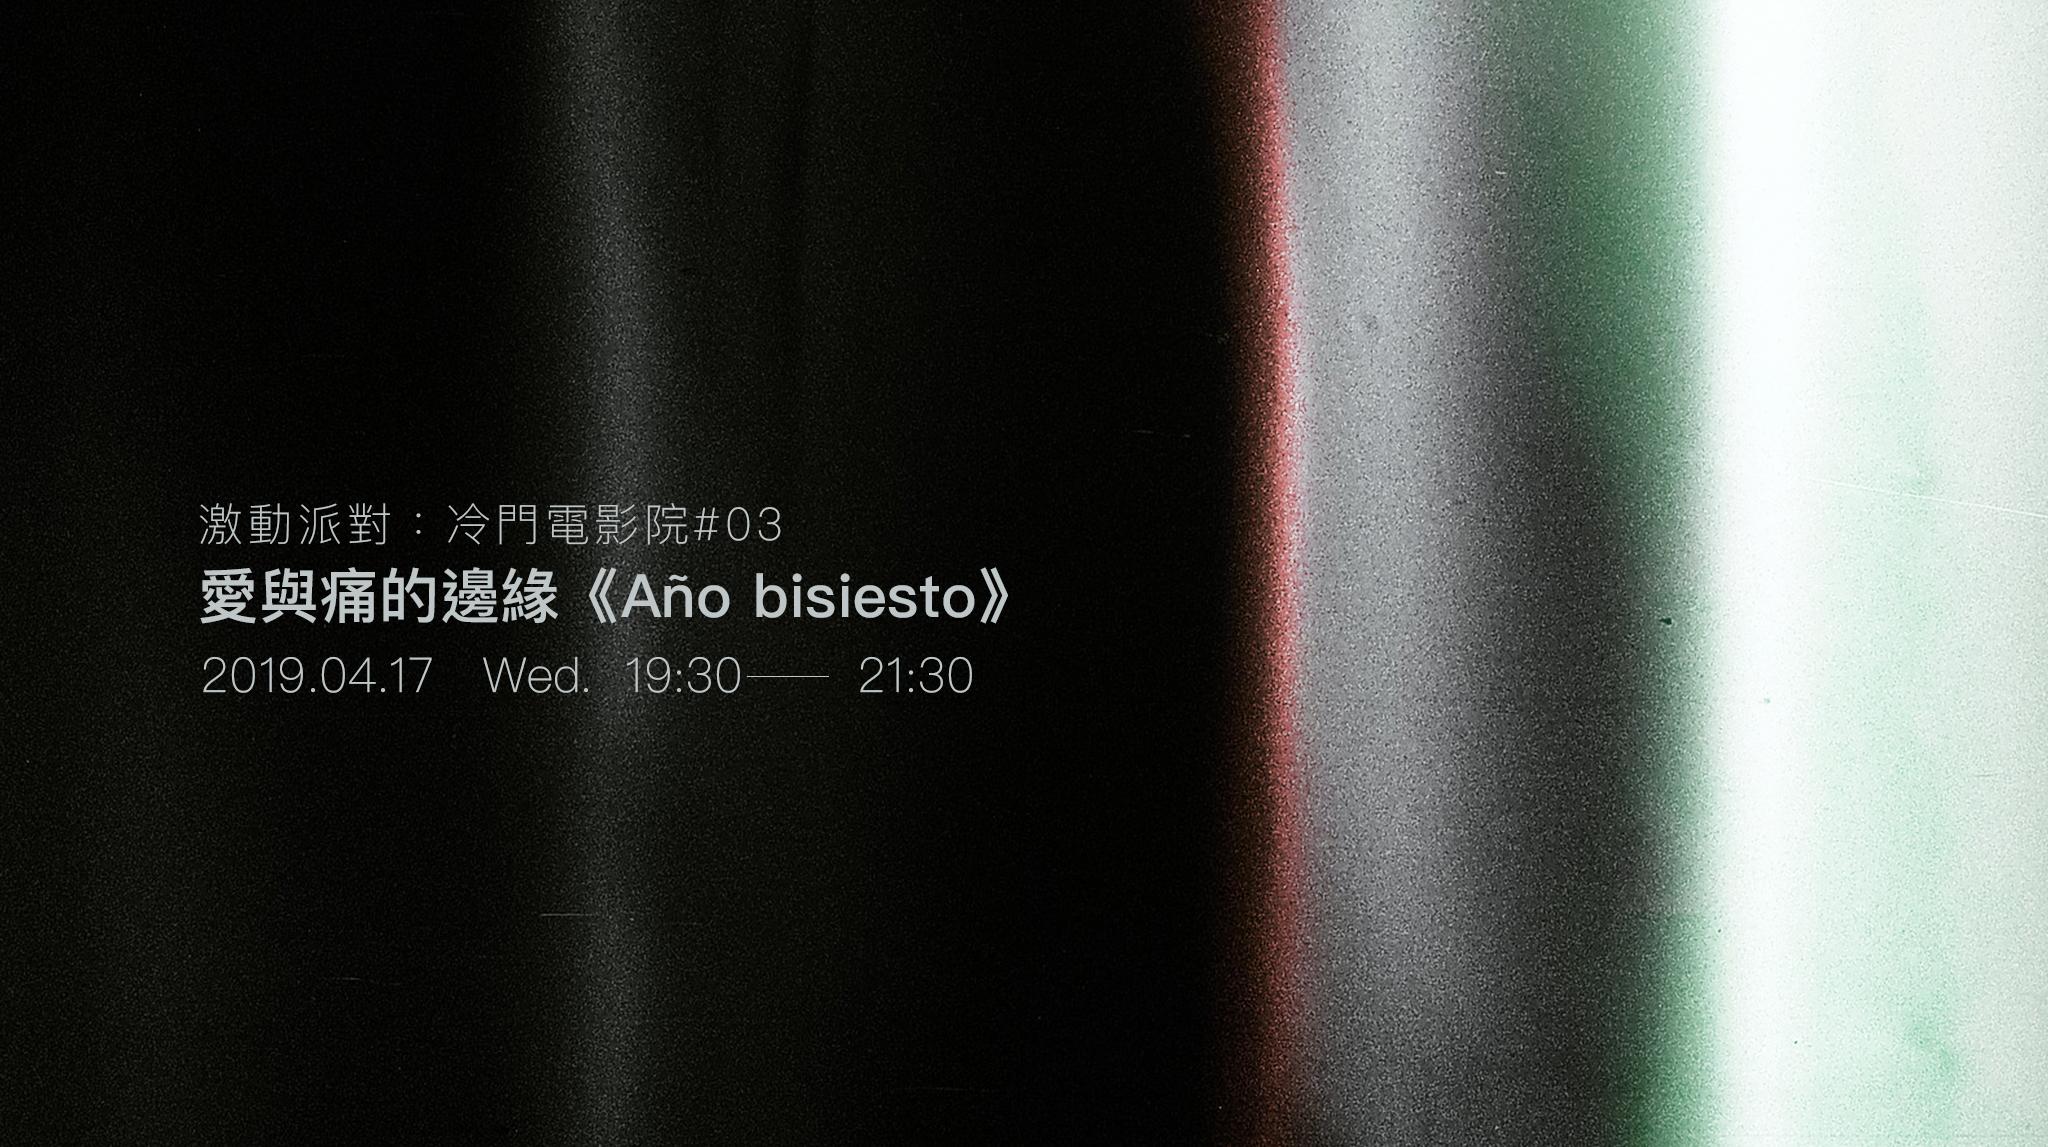 激動派對:冷門電影院#03 愛與痛的邊緣《Año bisiesto》 -